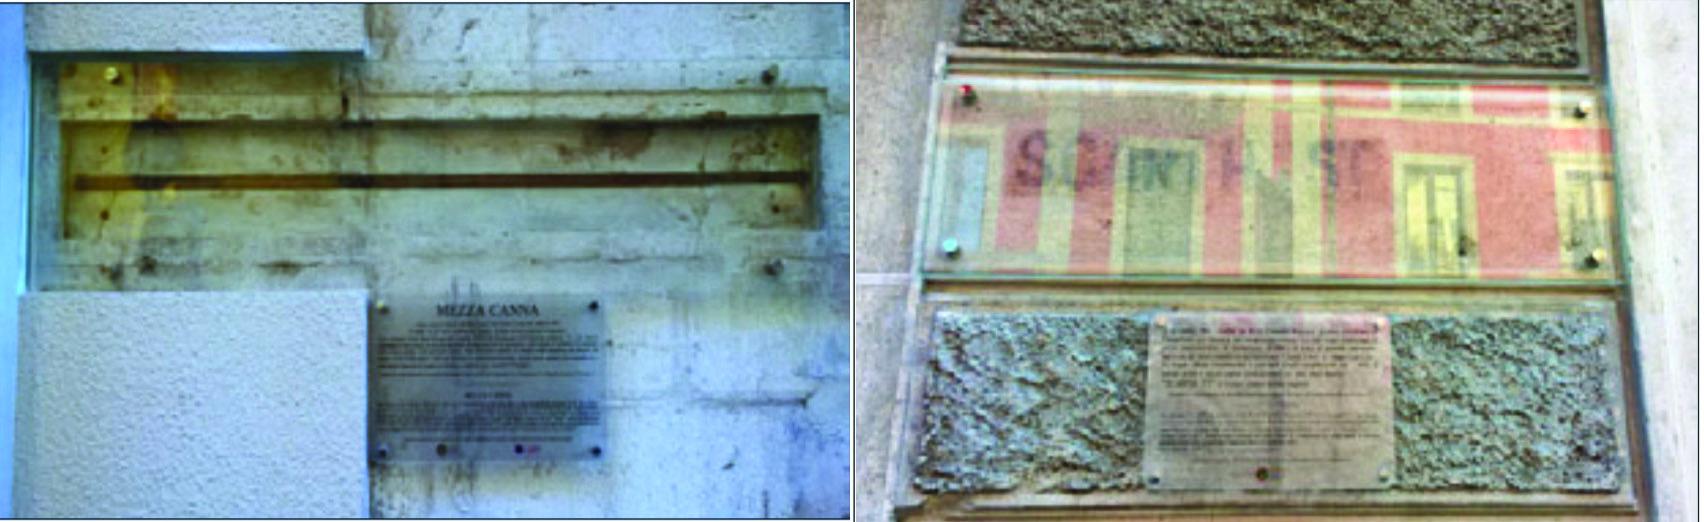 La Mezzacanna e Scarth Street, pezzi di storia 'tirati a lucido' per la consegna ai posteri